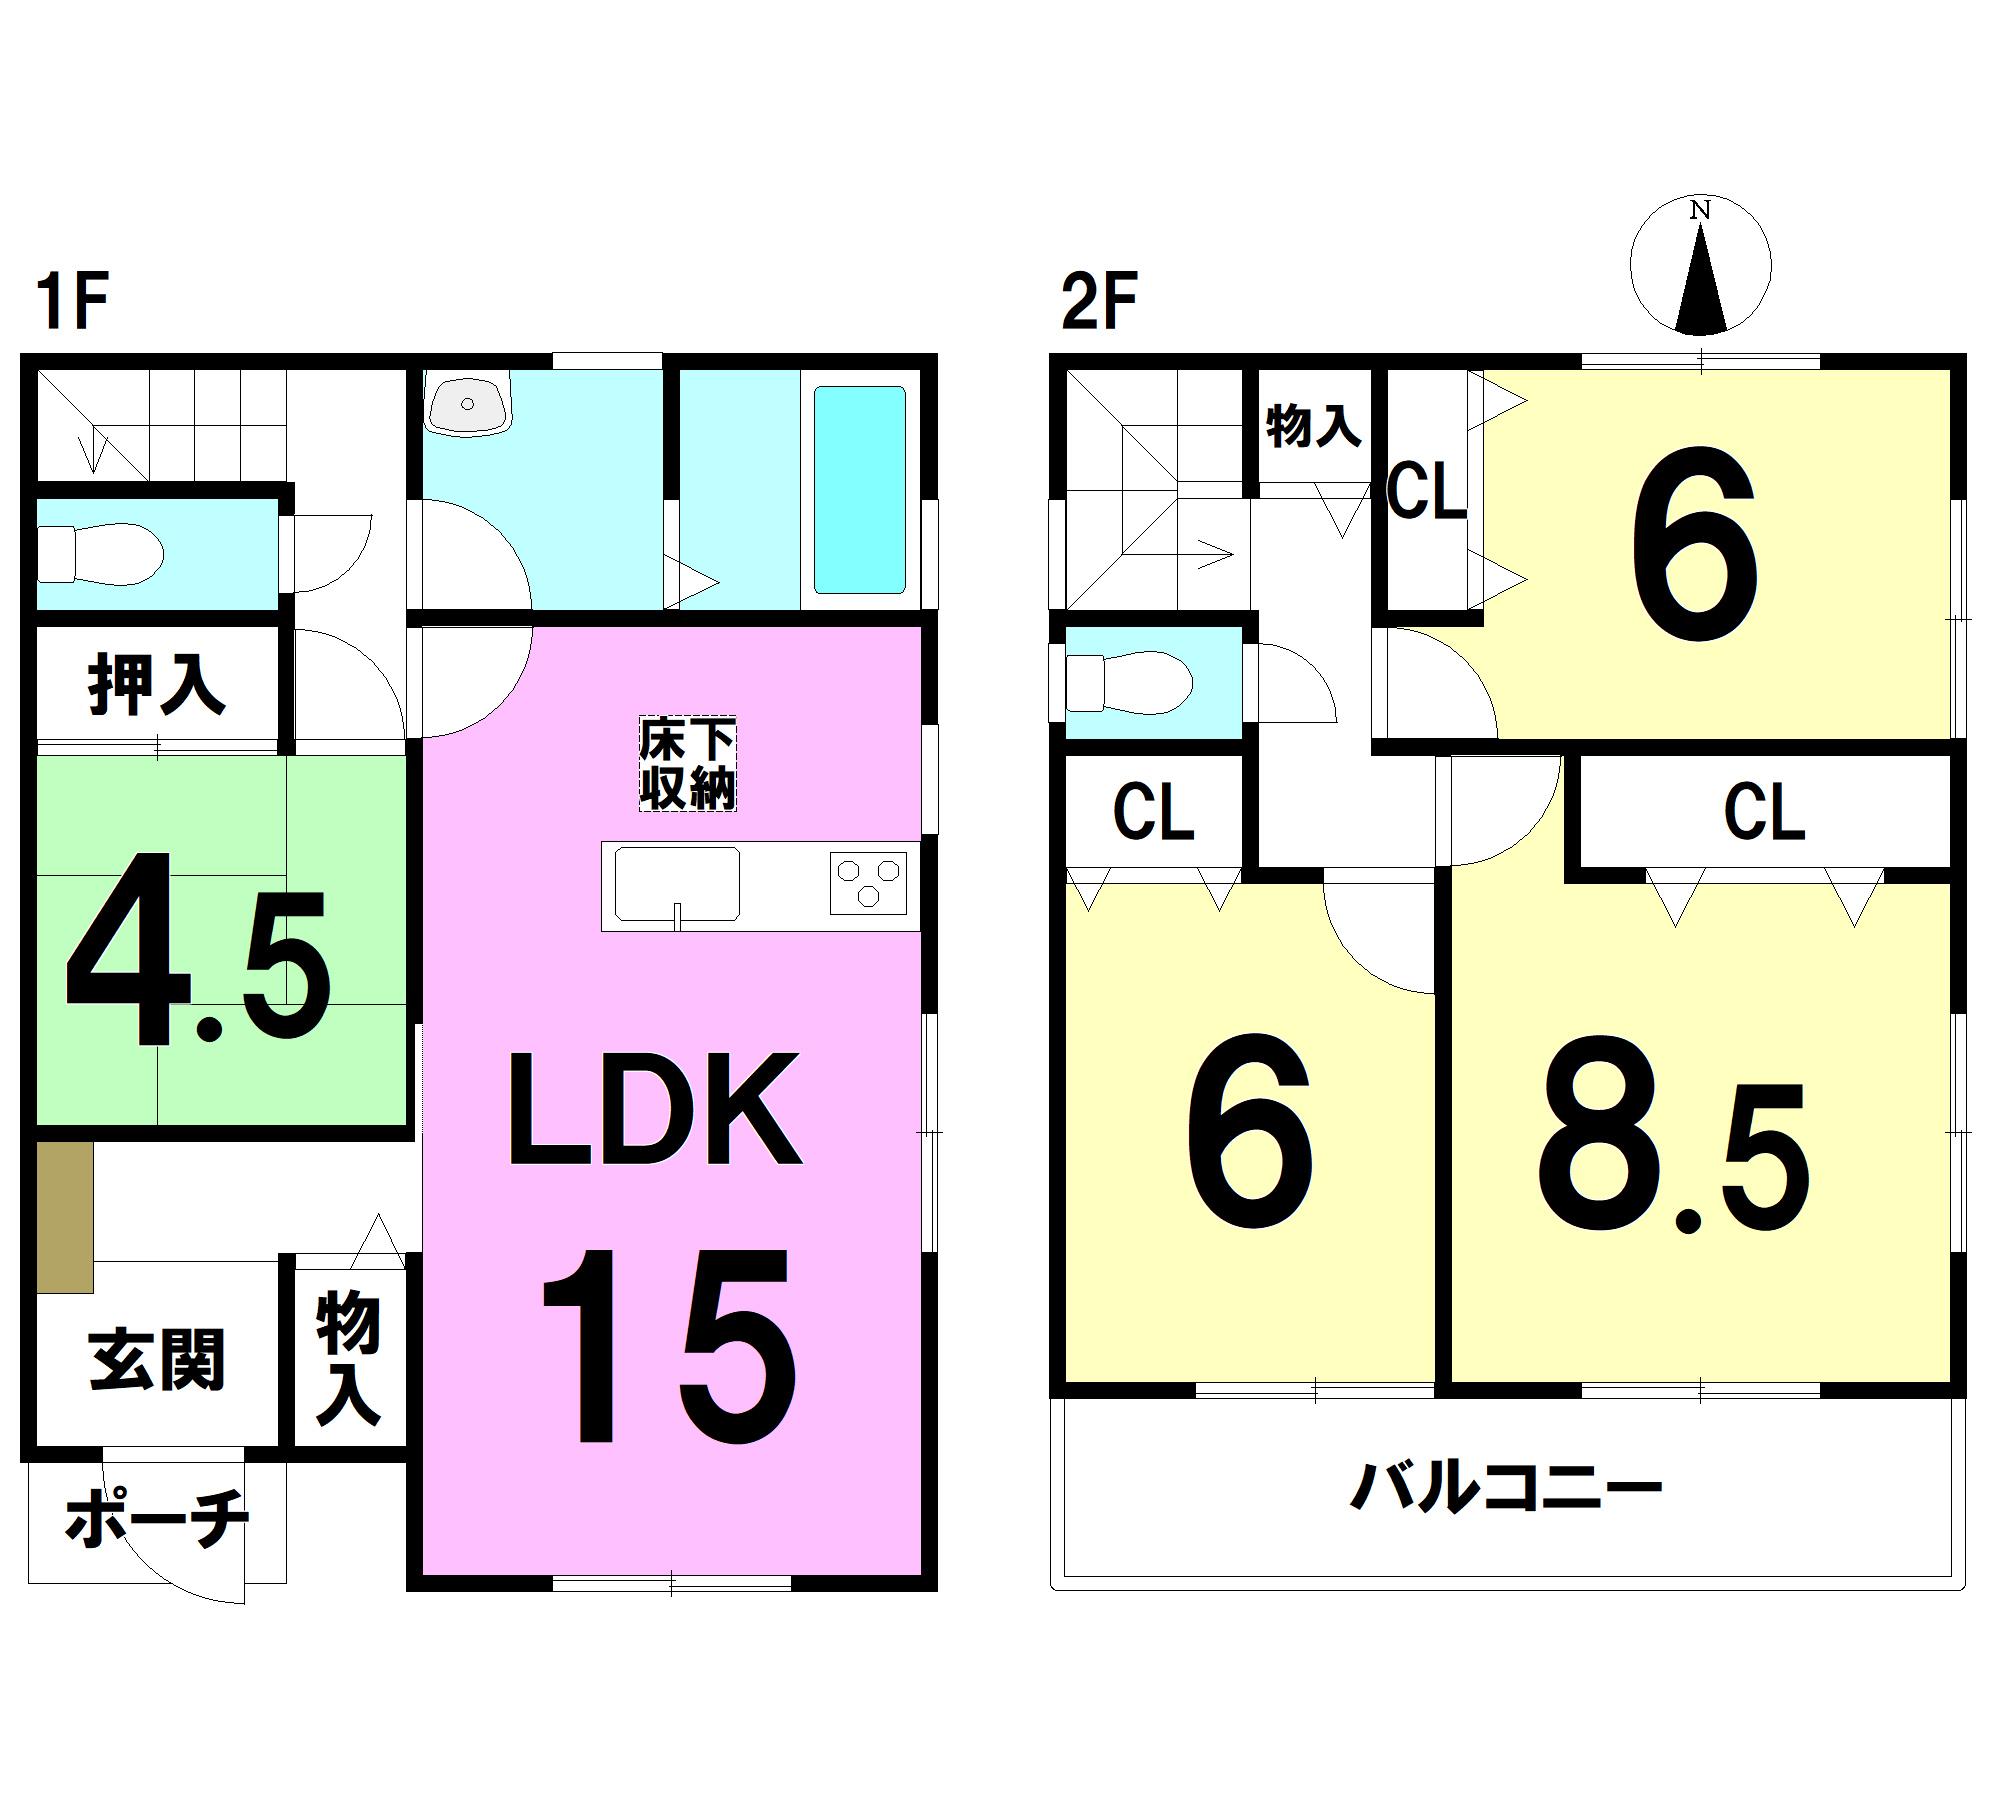 【間取り】 1F:15LDK 4.5和 2F:8.5洋 6洋 6洋 トイレ